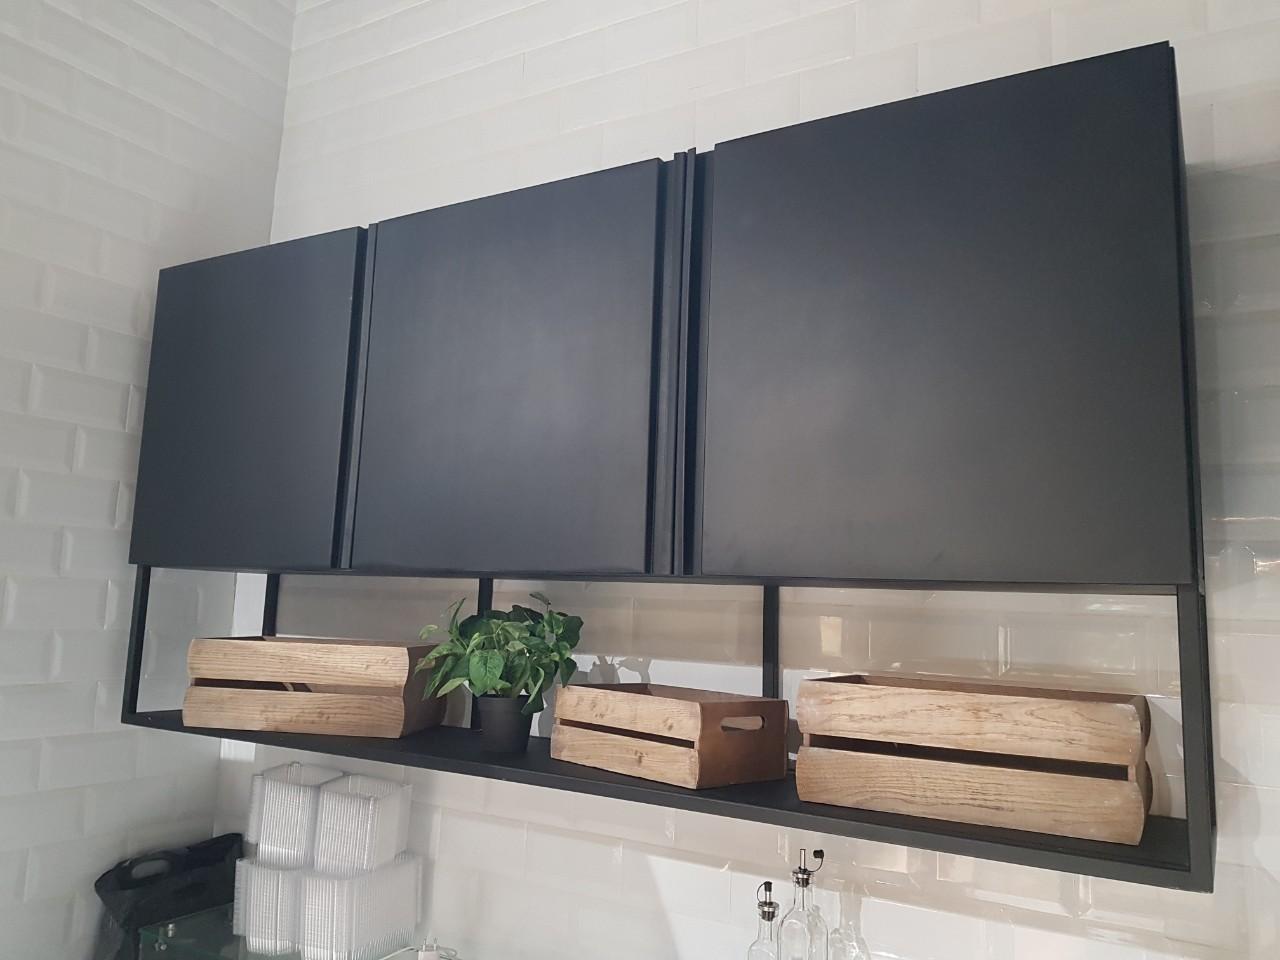 Шкаф производственный (600 x 300 x 600) - фотография